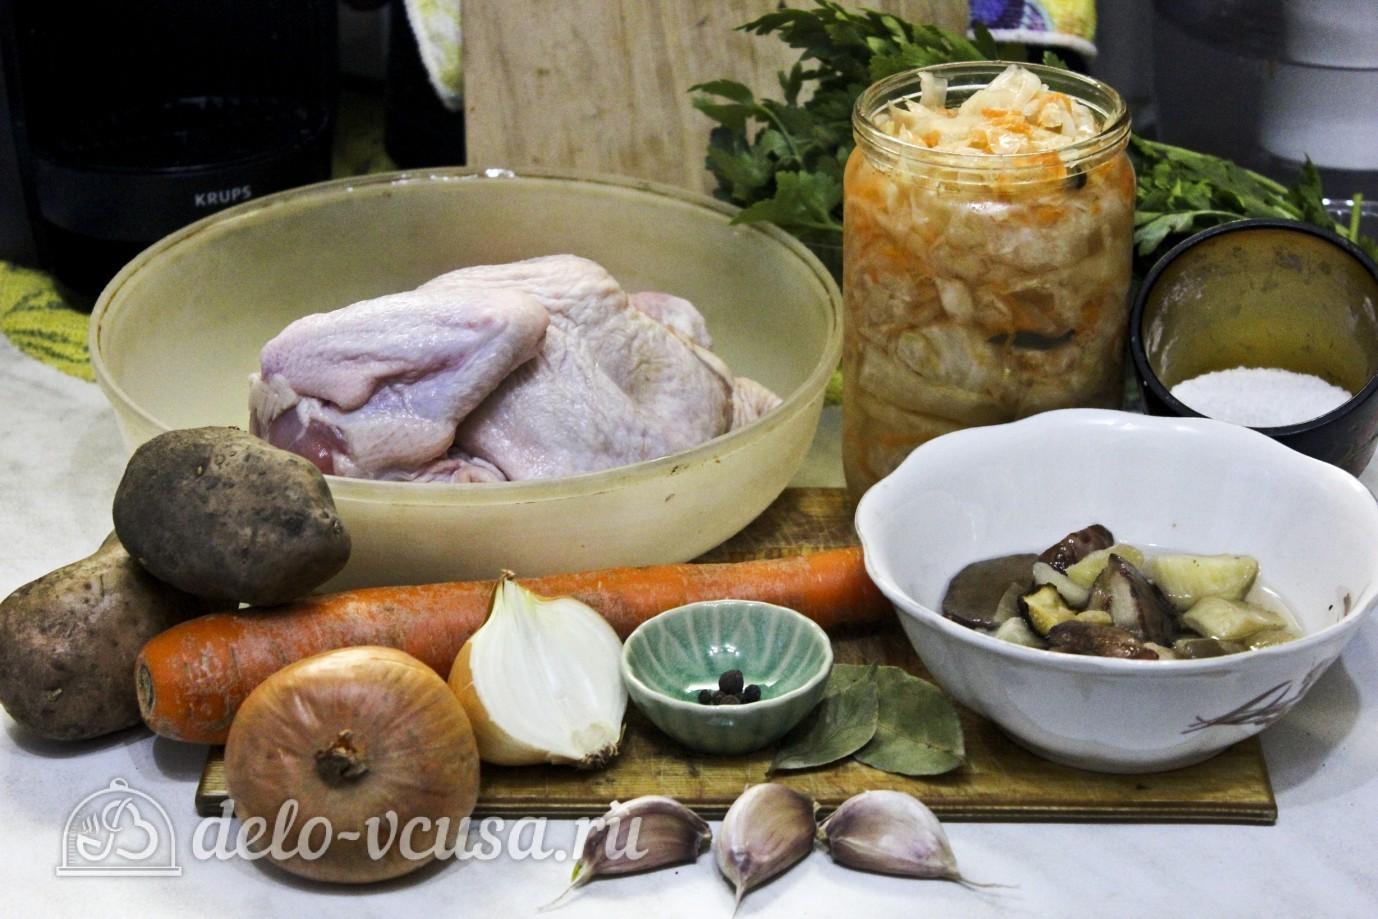 Запечь котлеты из индейки в духовке рецепт с фото